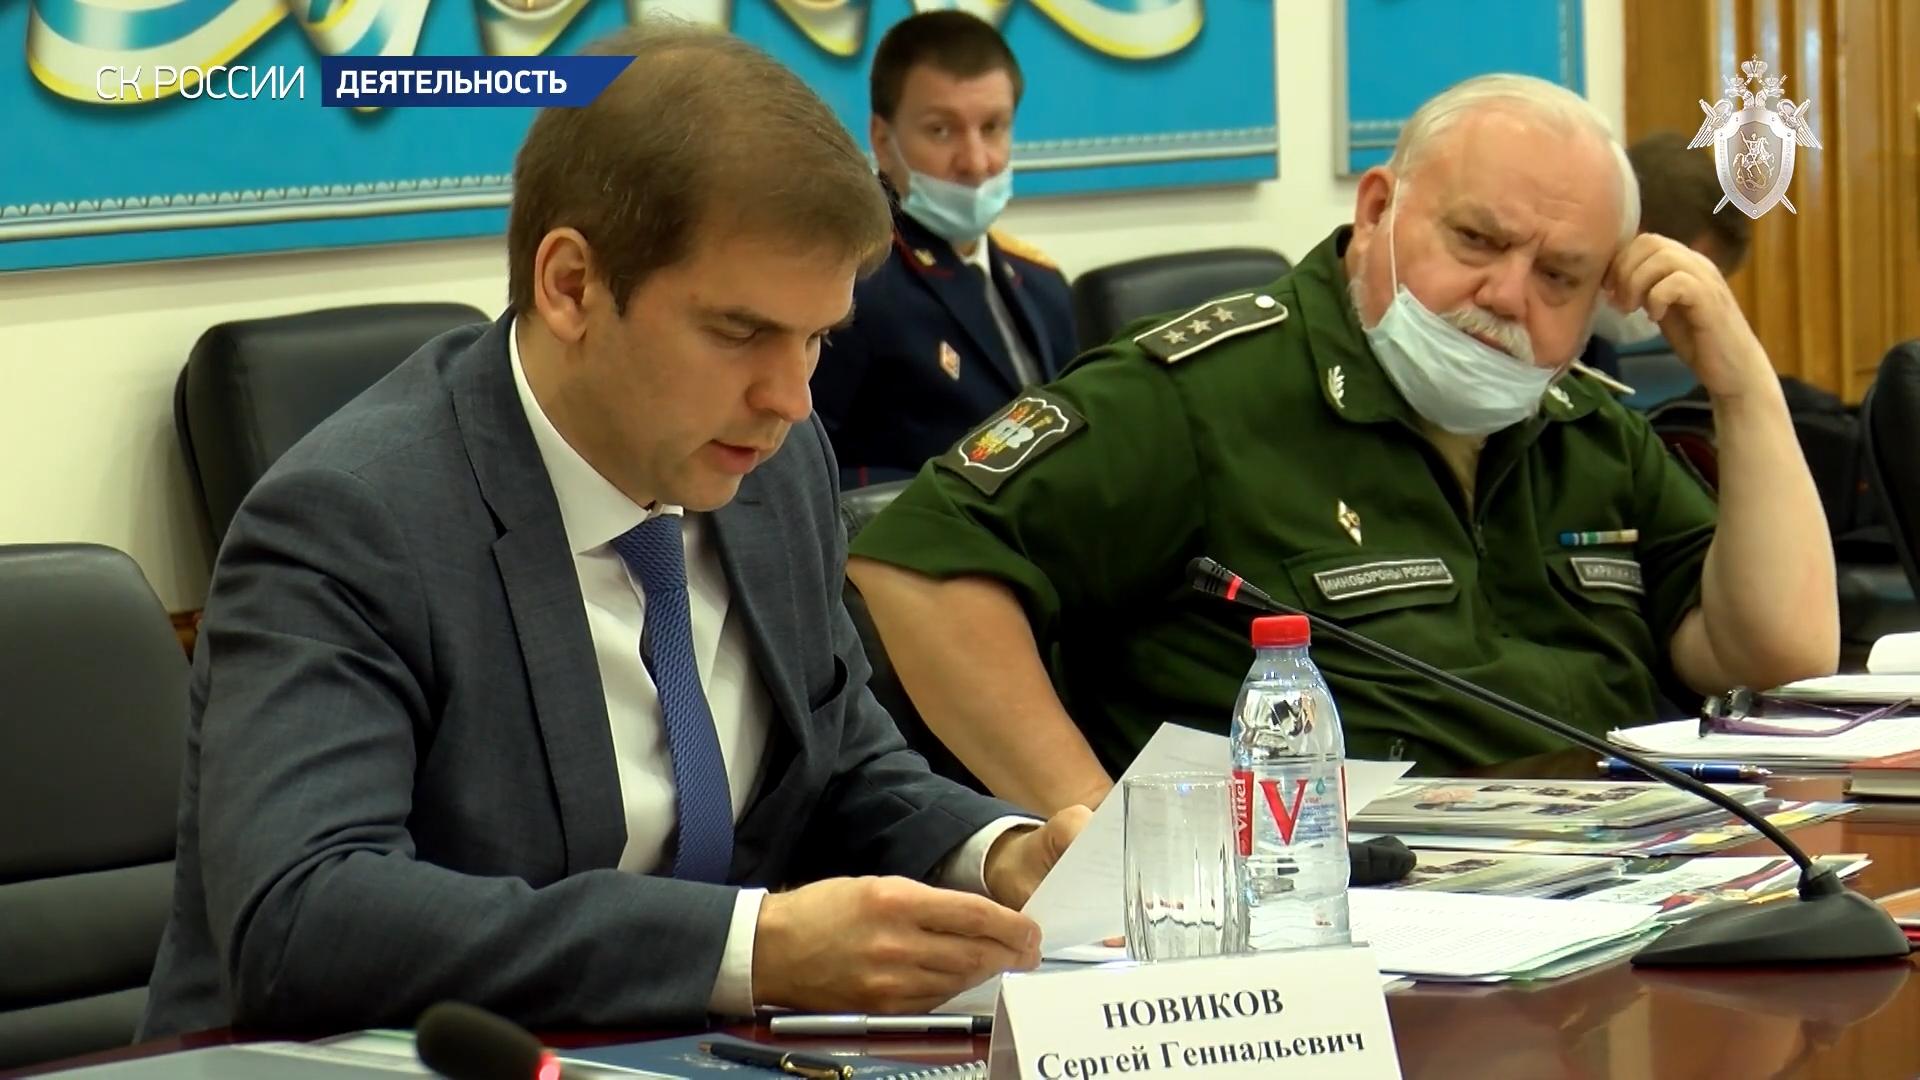 20200702-Состоялось первое заседание штаба по координации поисковой и архивной работы СК России-pic03